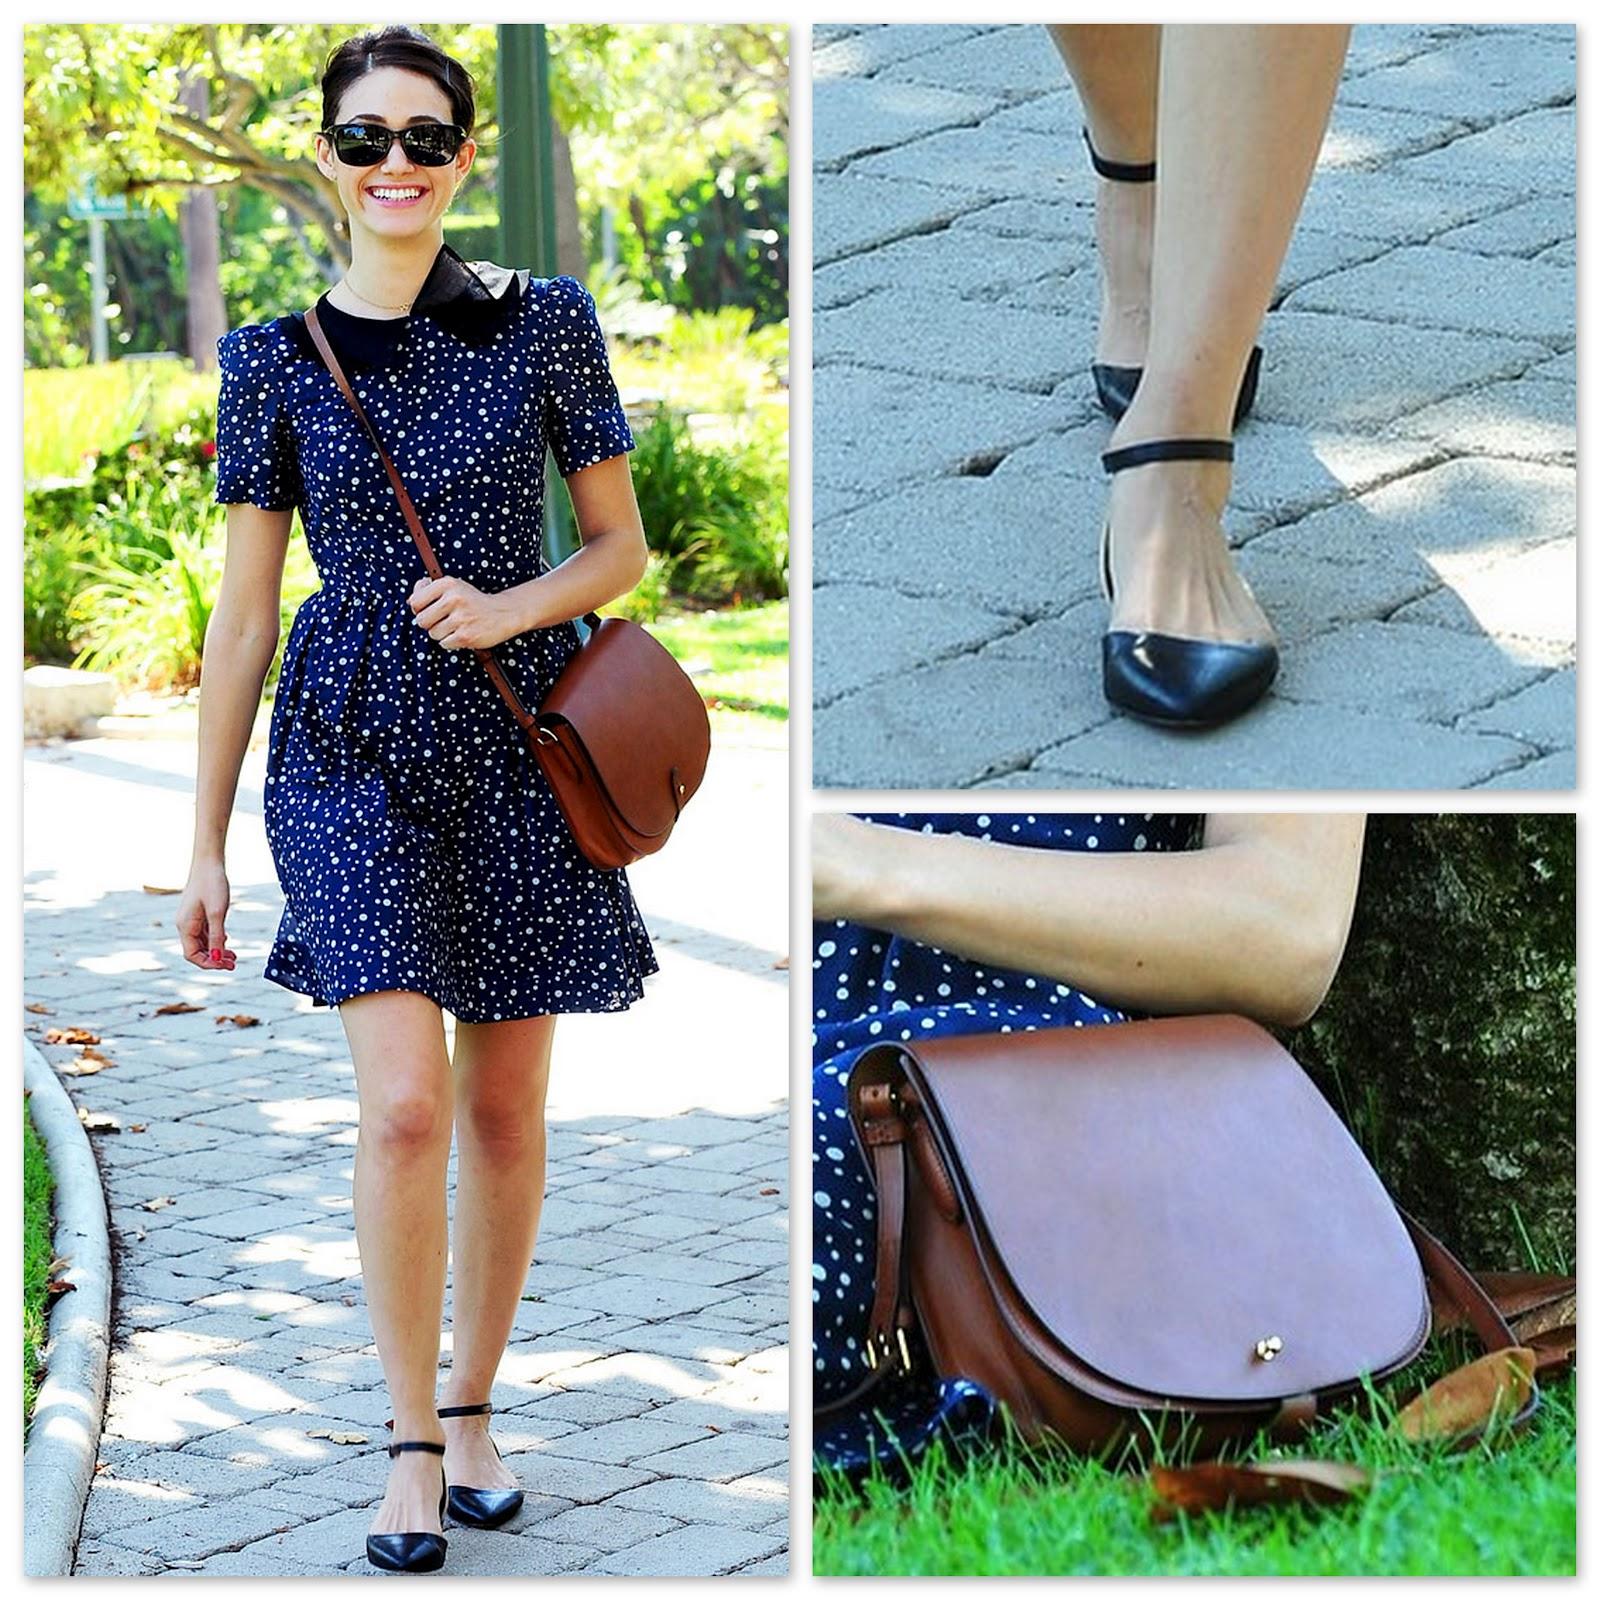 http://4.bp.blogspot.com/-h0scDdfeHKI/UDe8pLHx-DI/AAAAAAAAHsM/Rz8Y_xqOlNI/s1600/best+dressed8.jpg